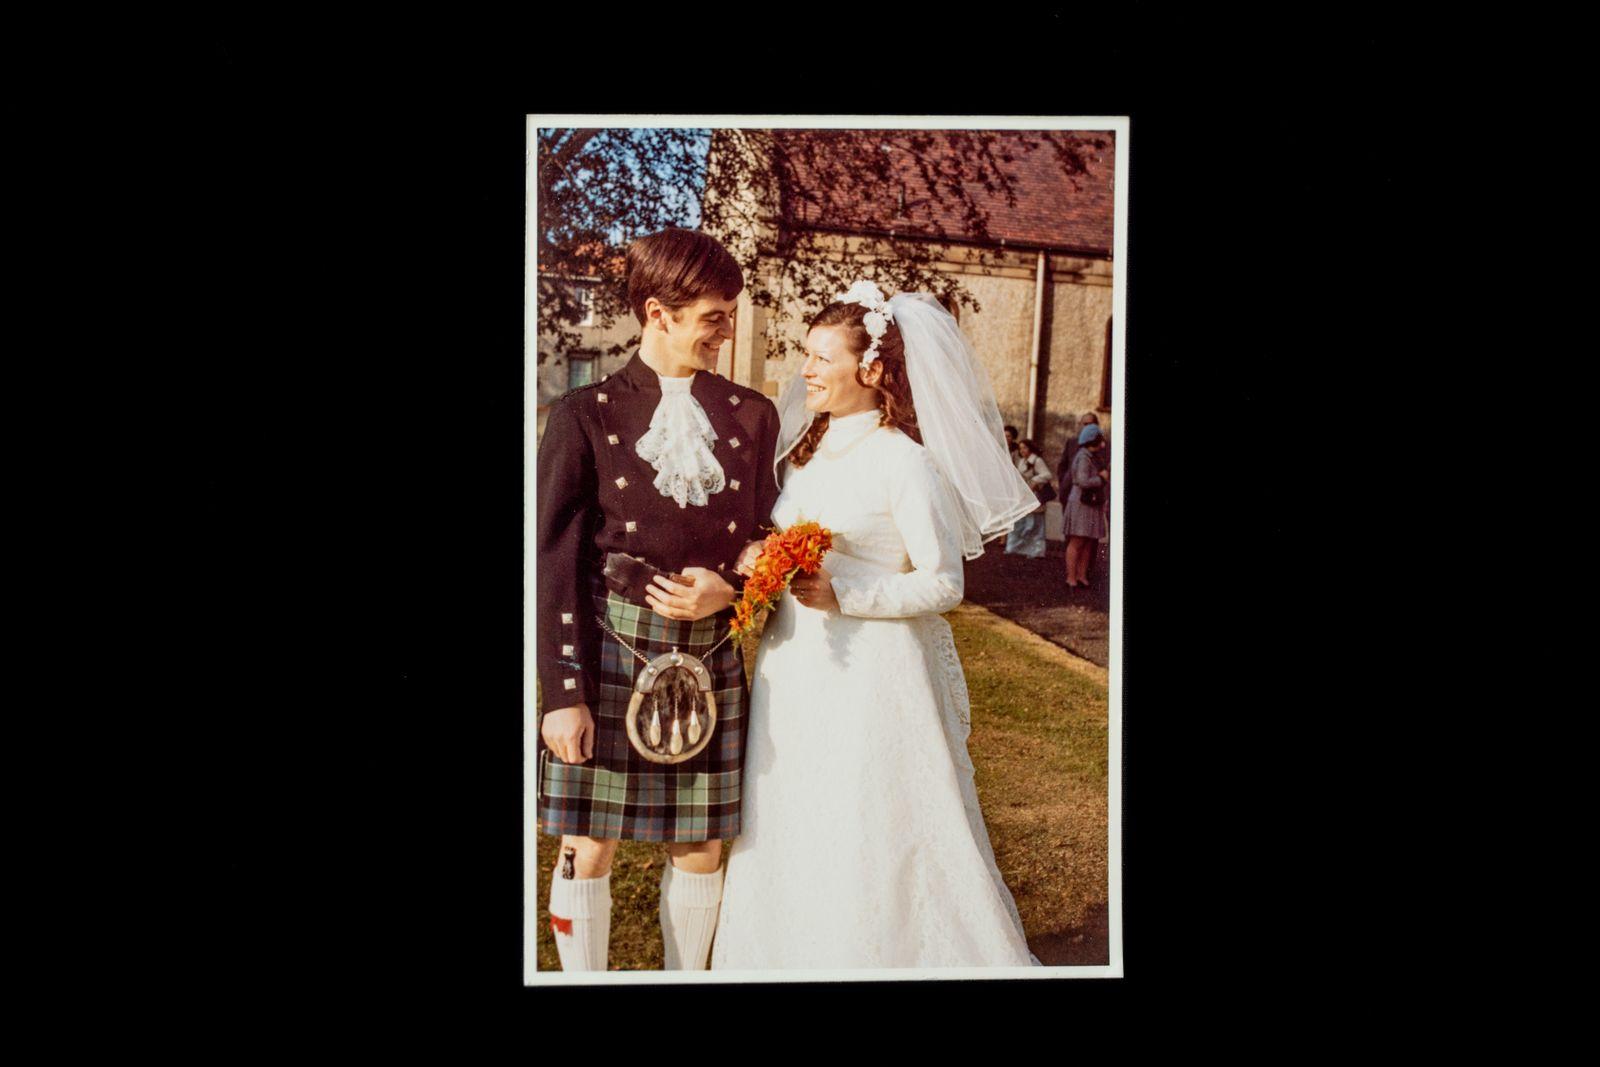 EINMALIGE VERWENDUNG SP 46/2019 S. 66 - Hochzeitsfoto - Parkinson riechen